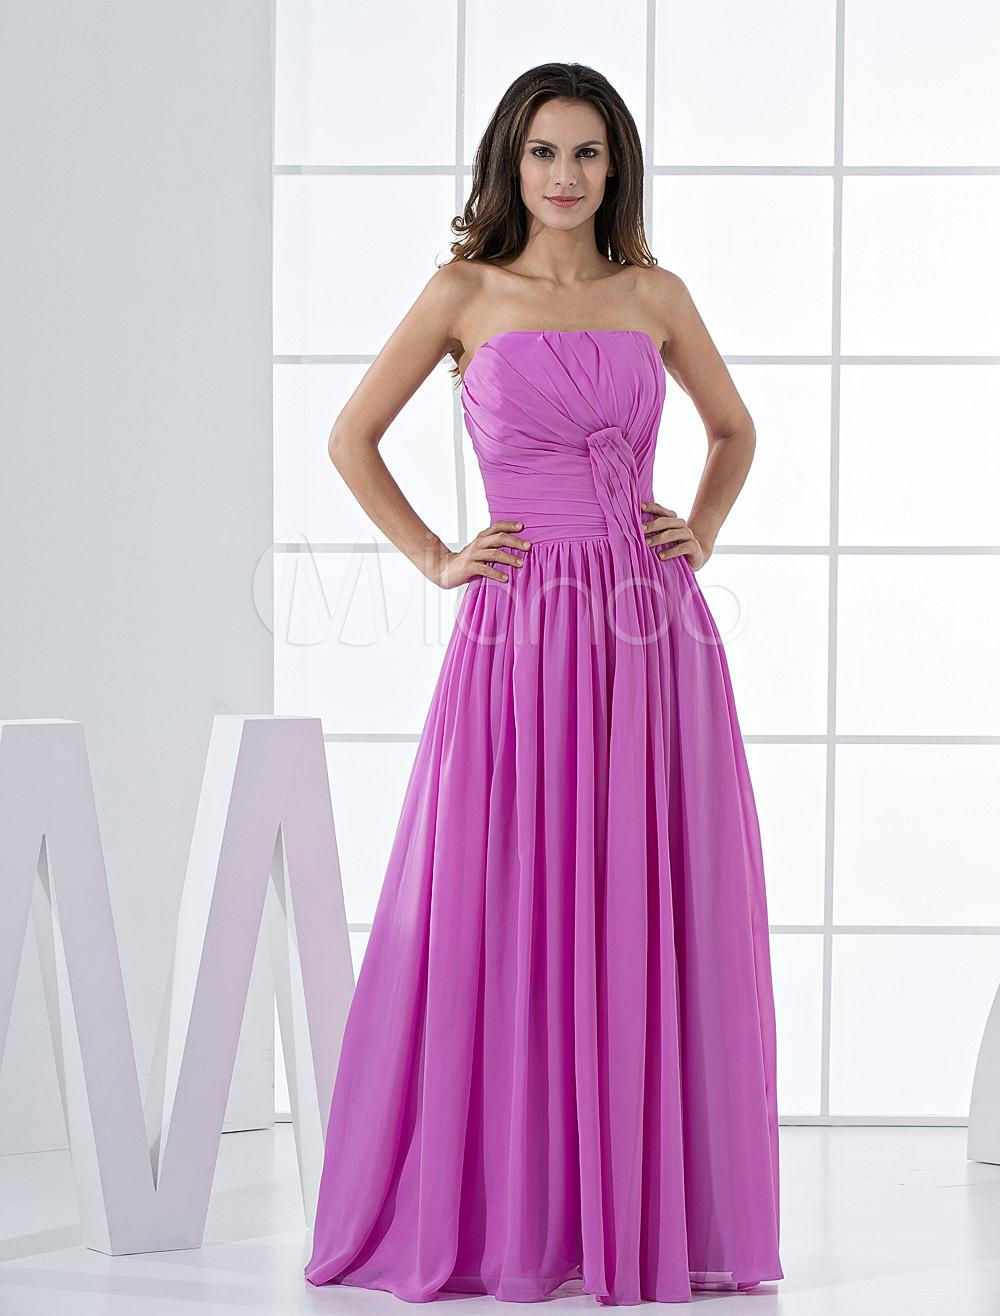 Dorable Vestidos De Dama En Línea Australia Viñeta - Vestido de ...